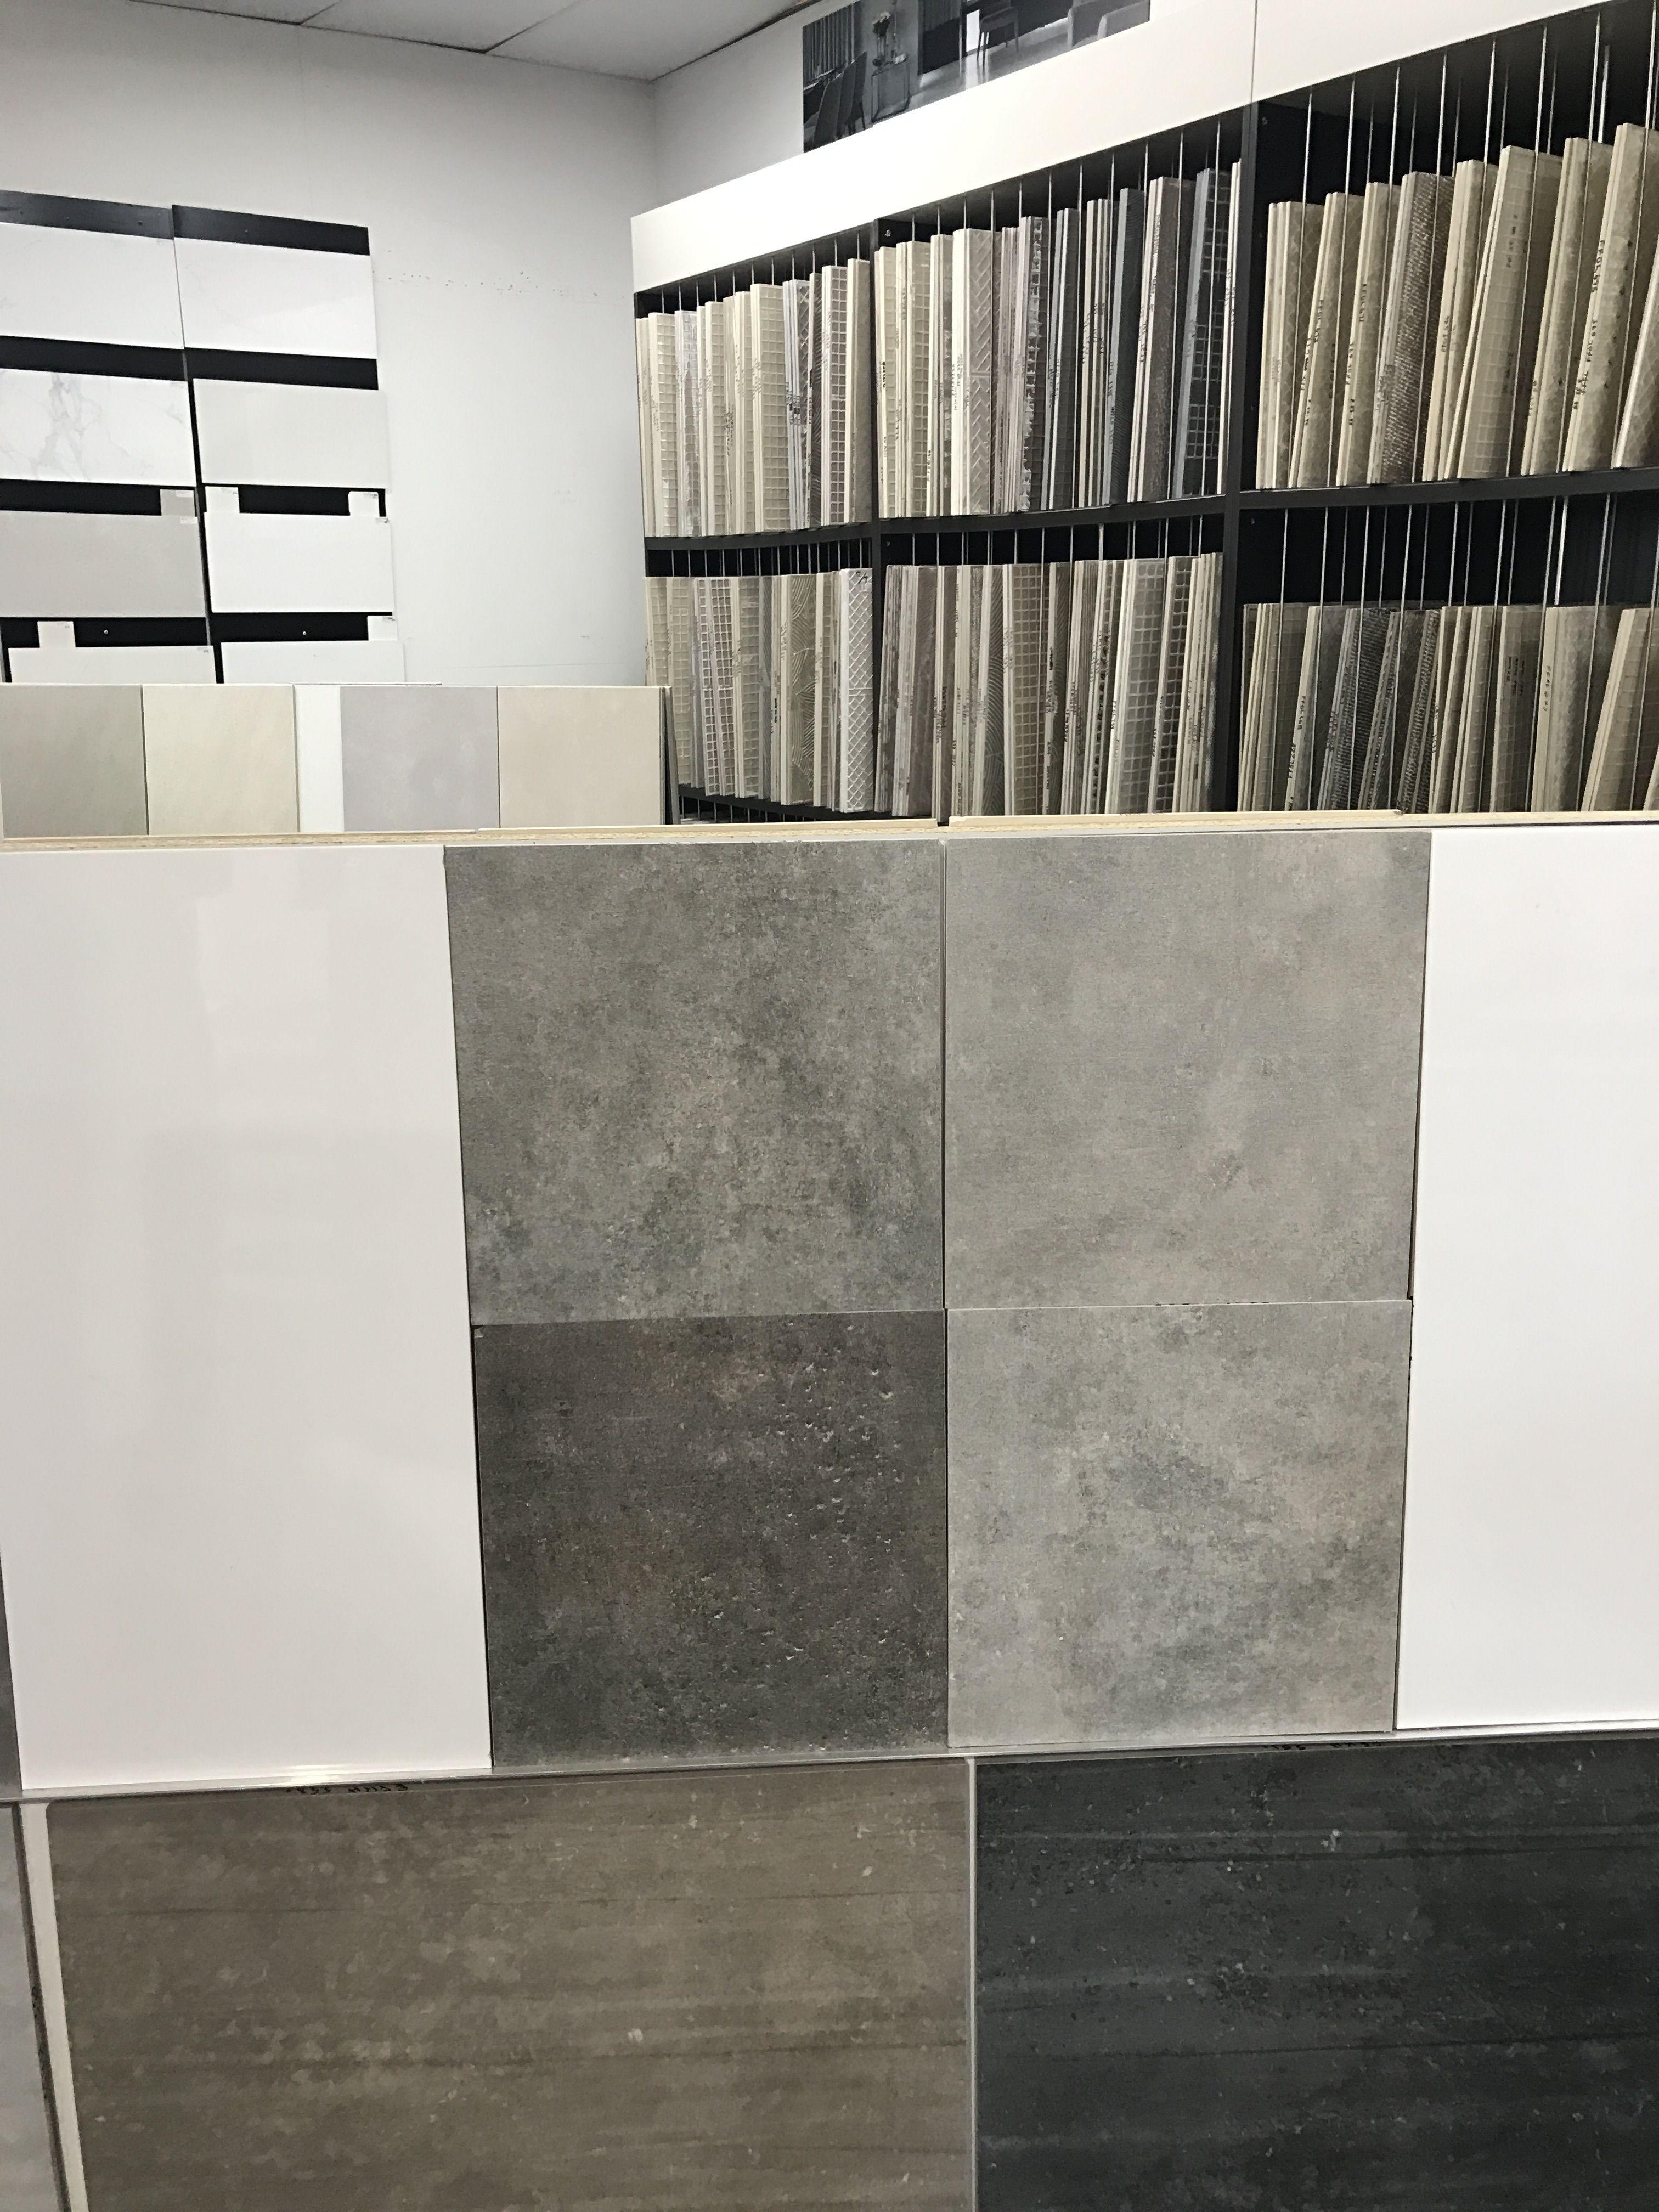 Amber tiles floor tiles builders\' range $30/m | Low cost renovation ...